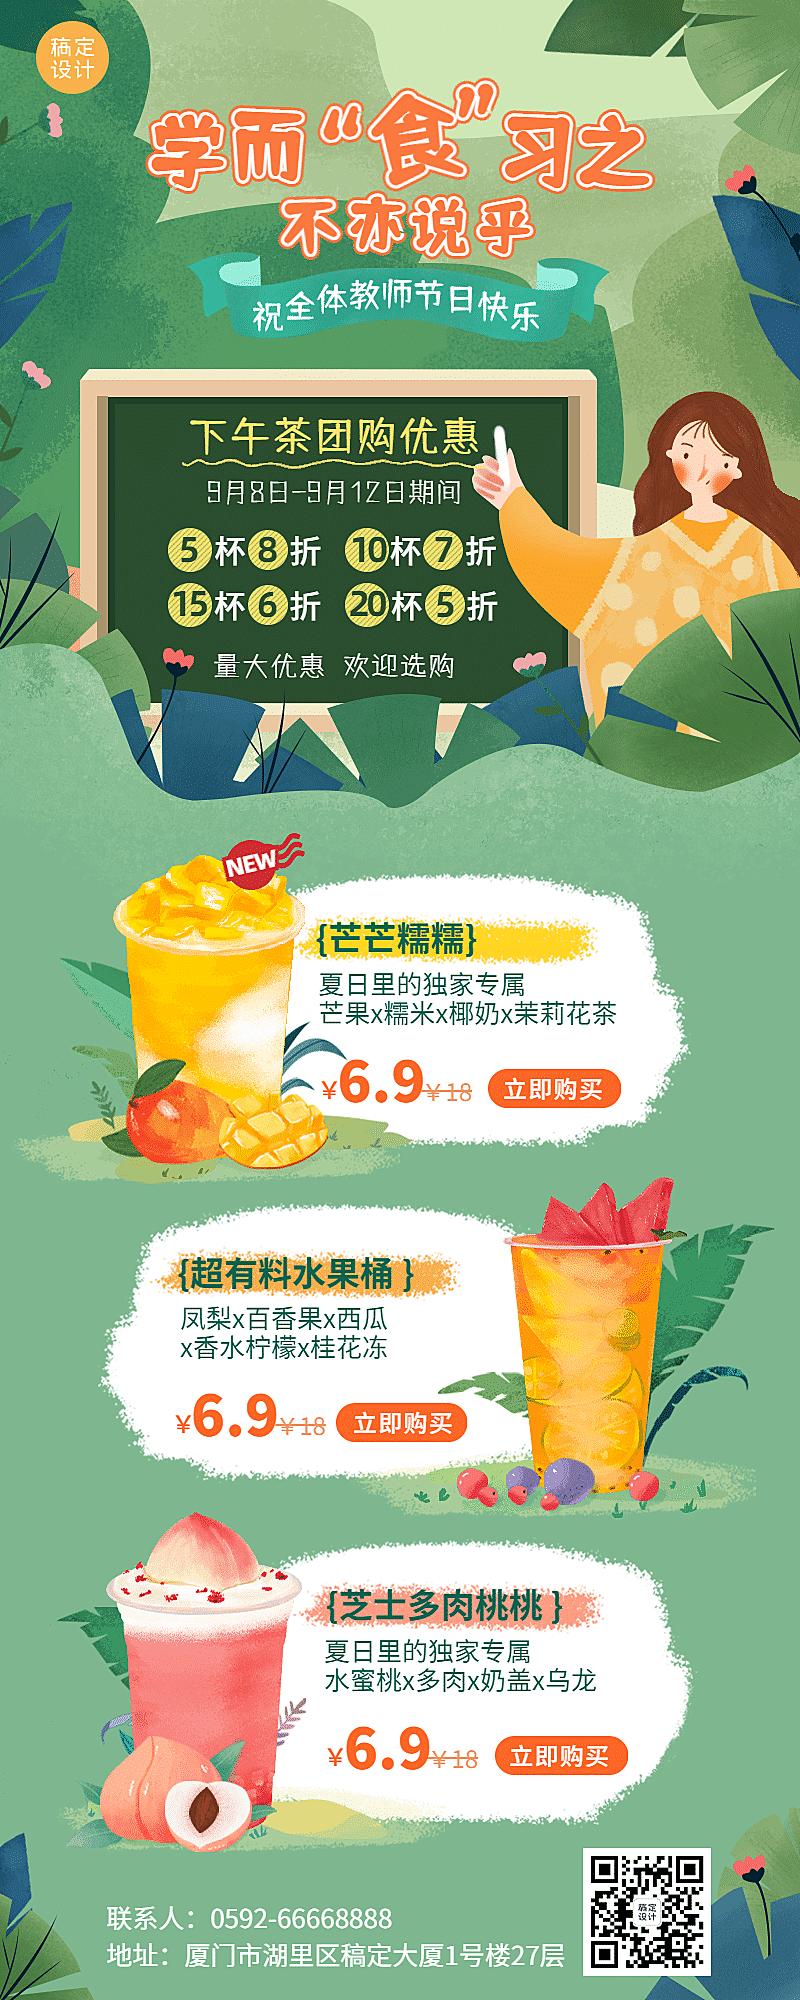 教师节奶茶营销餐饮长图